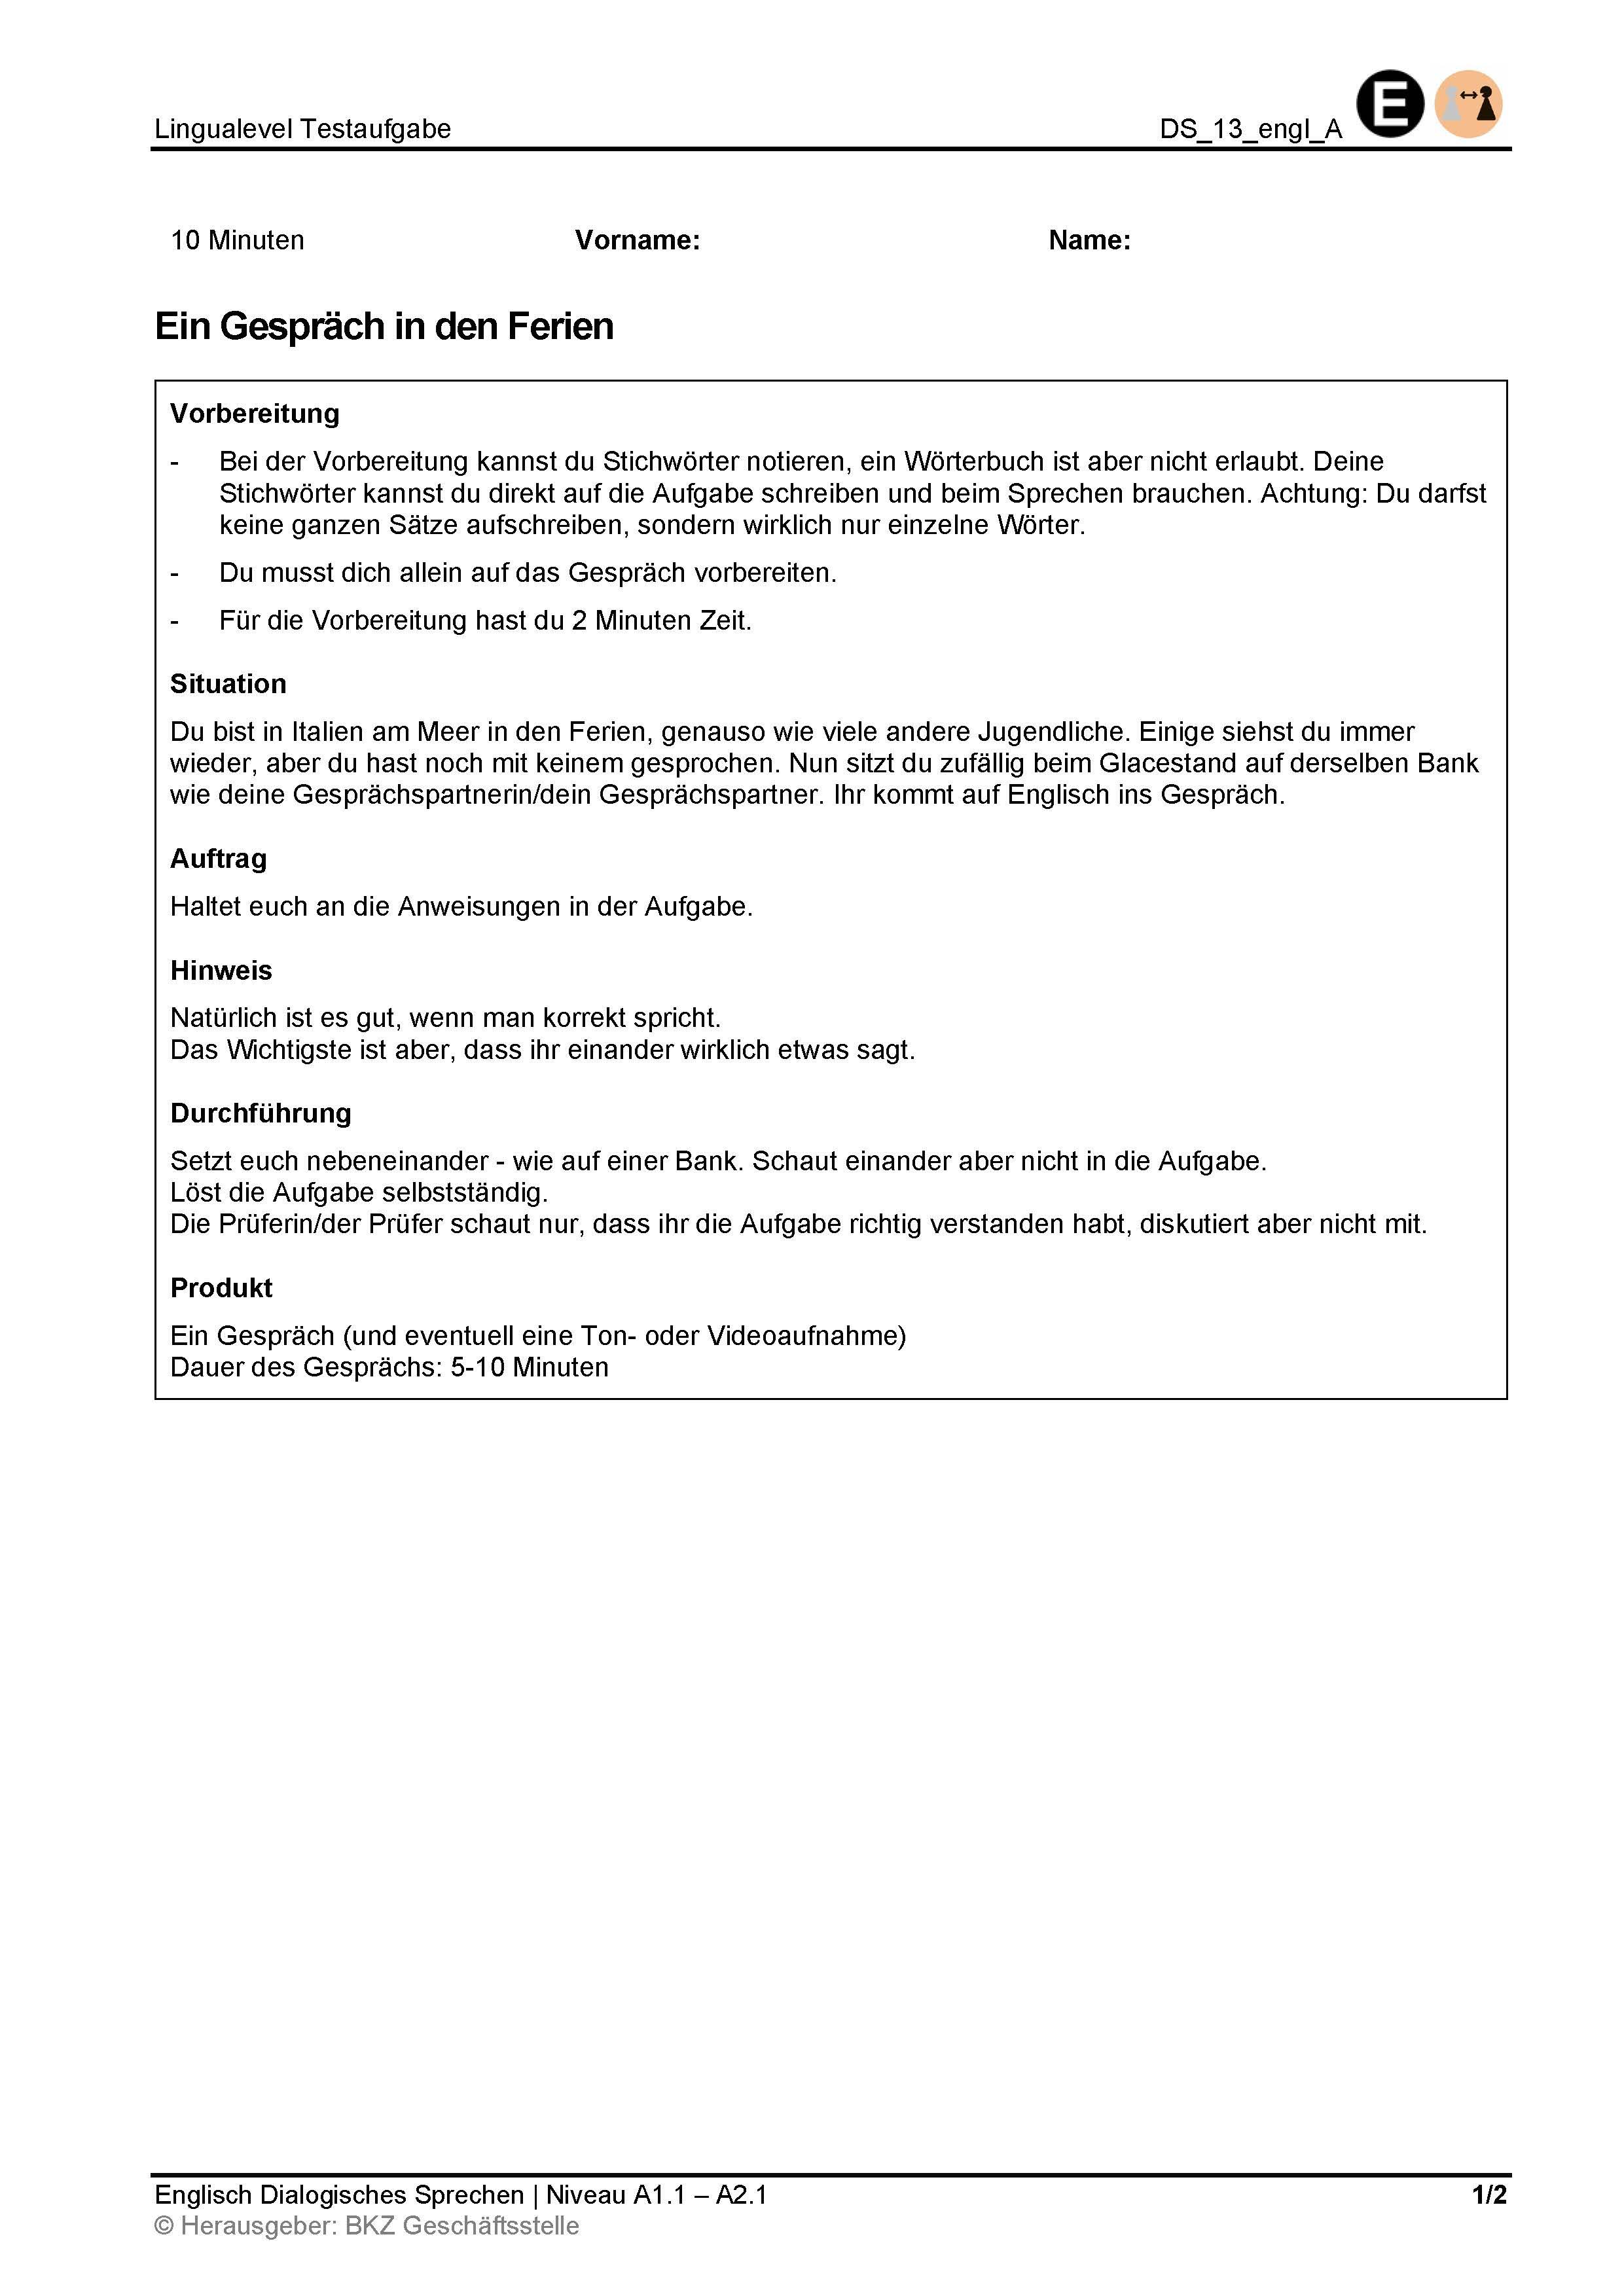 Preview image for LOM object Dialogisches Sprechen: Ein Gespräch in den Ferien